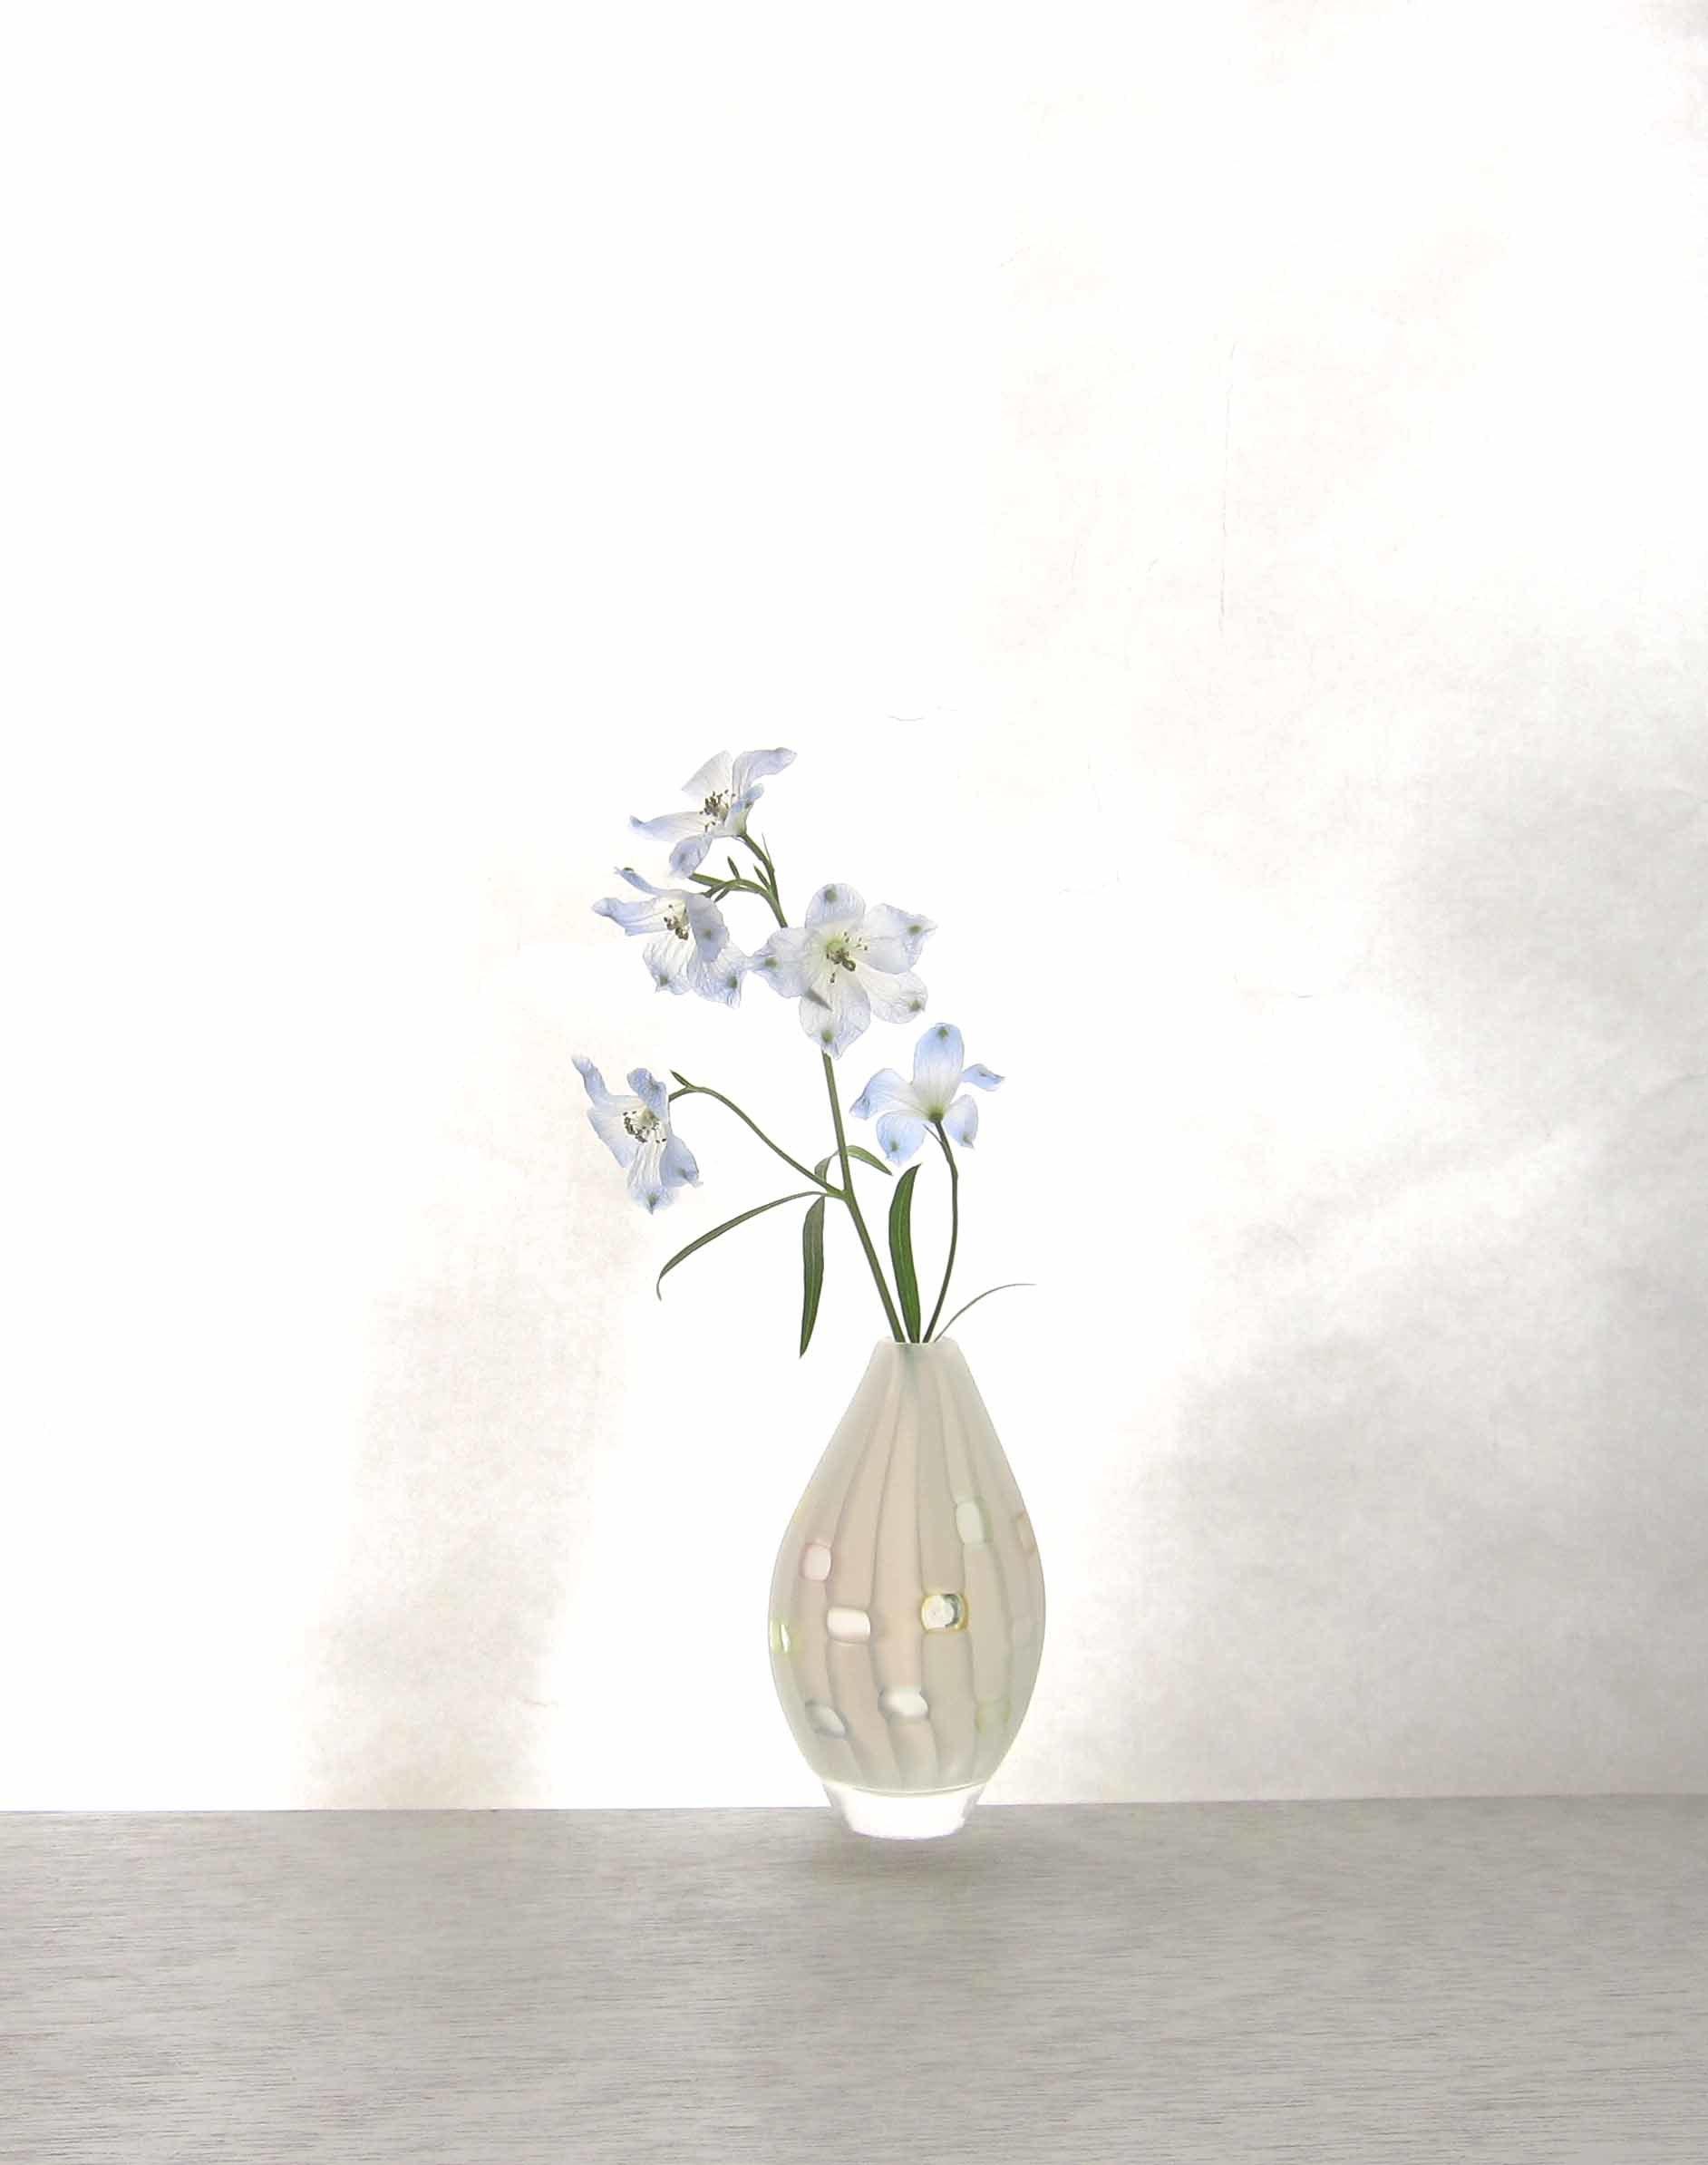 雪展 吉村桂子さんのイロアミ花器など_b0353974_23294441.jpg